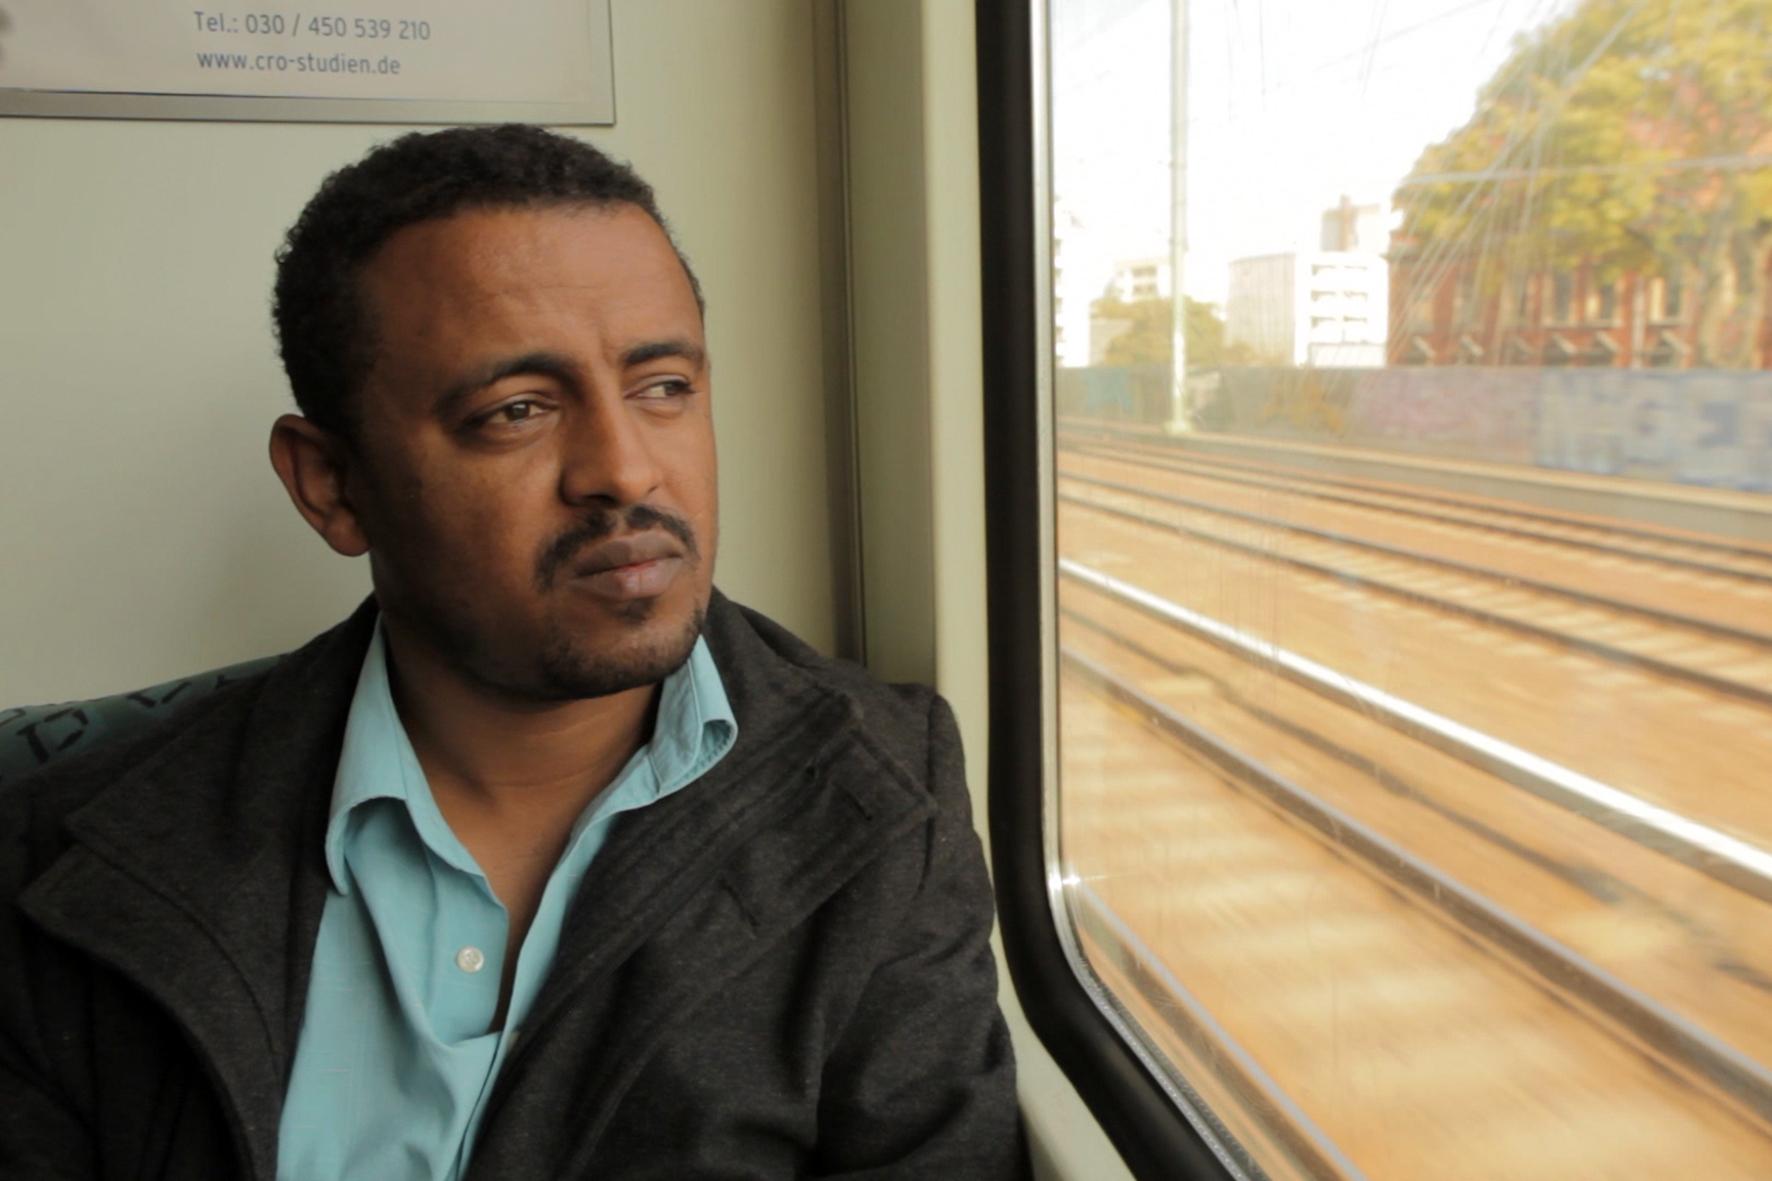 Mutiger Einsatz: Der Umweltjournalist Argaw muss wegen seiner investigativen Arbeit das Land verlassen. © Neue Visionen Filmverleih